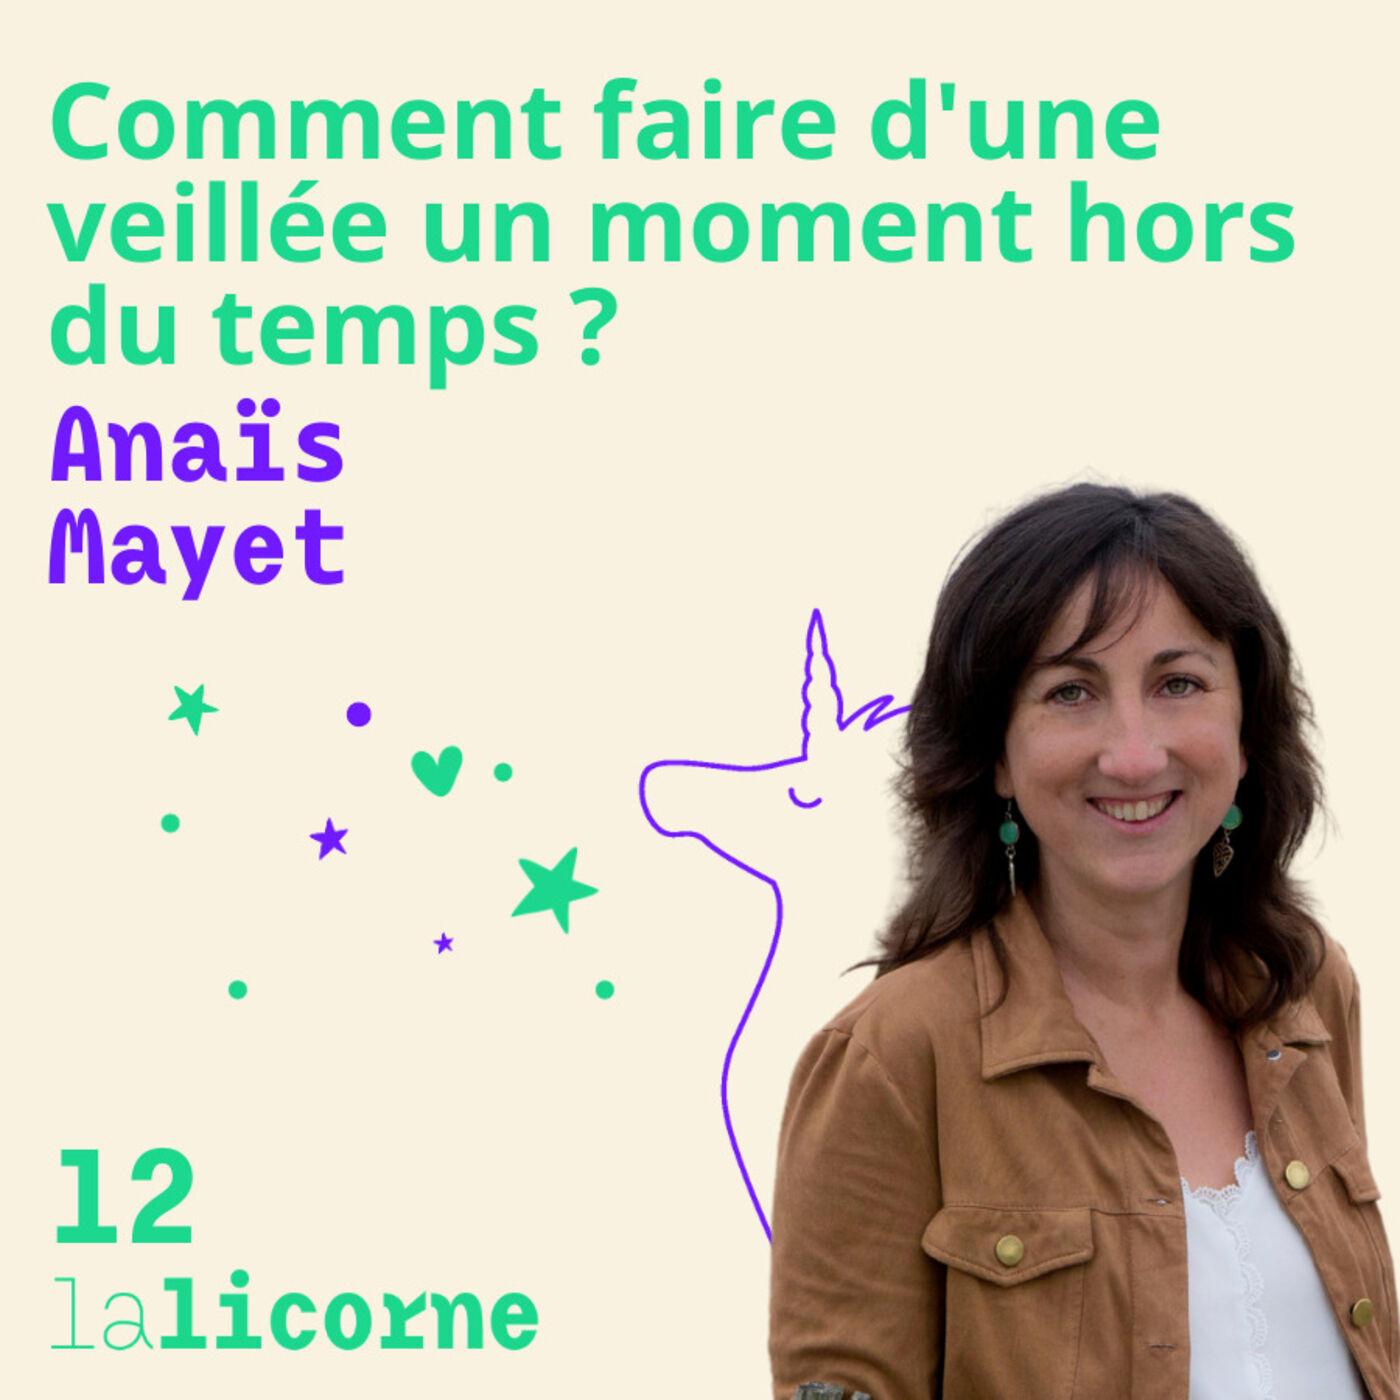 Episode 12 - Anaïs Mayet 🏕 Comment faire d'une veillée un moment hors du temps ?